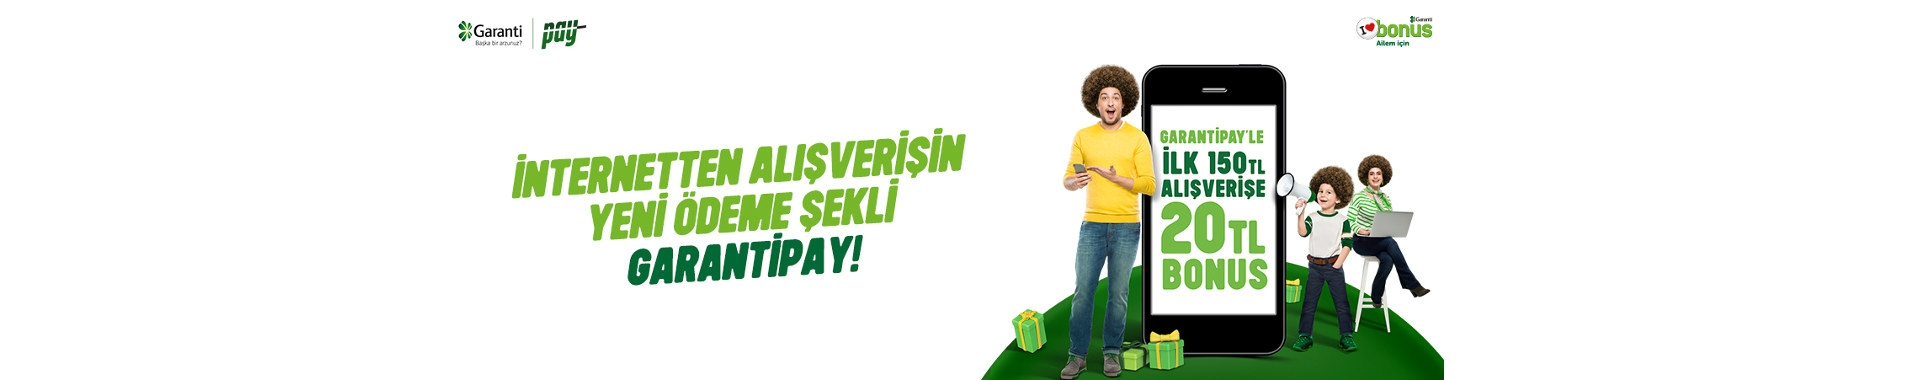 GarantiPay ile Tatlı Meyve Alışverişlerinizde 20 TL bonus fırsatı!